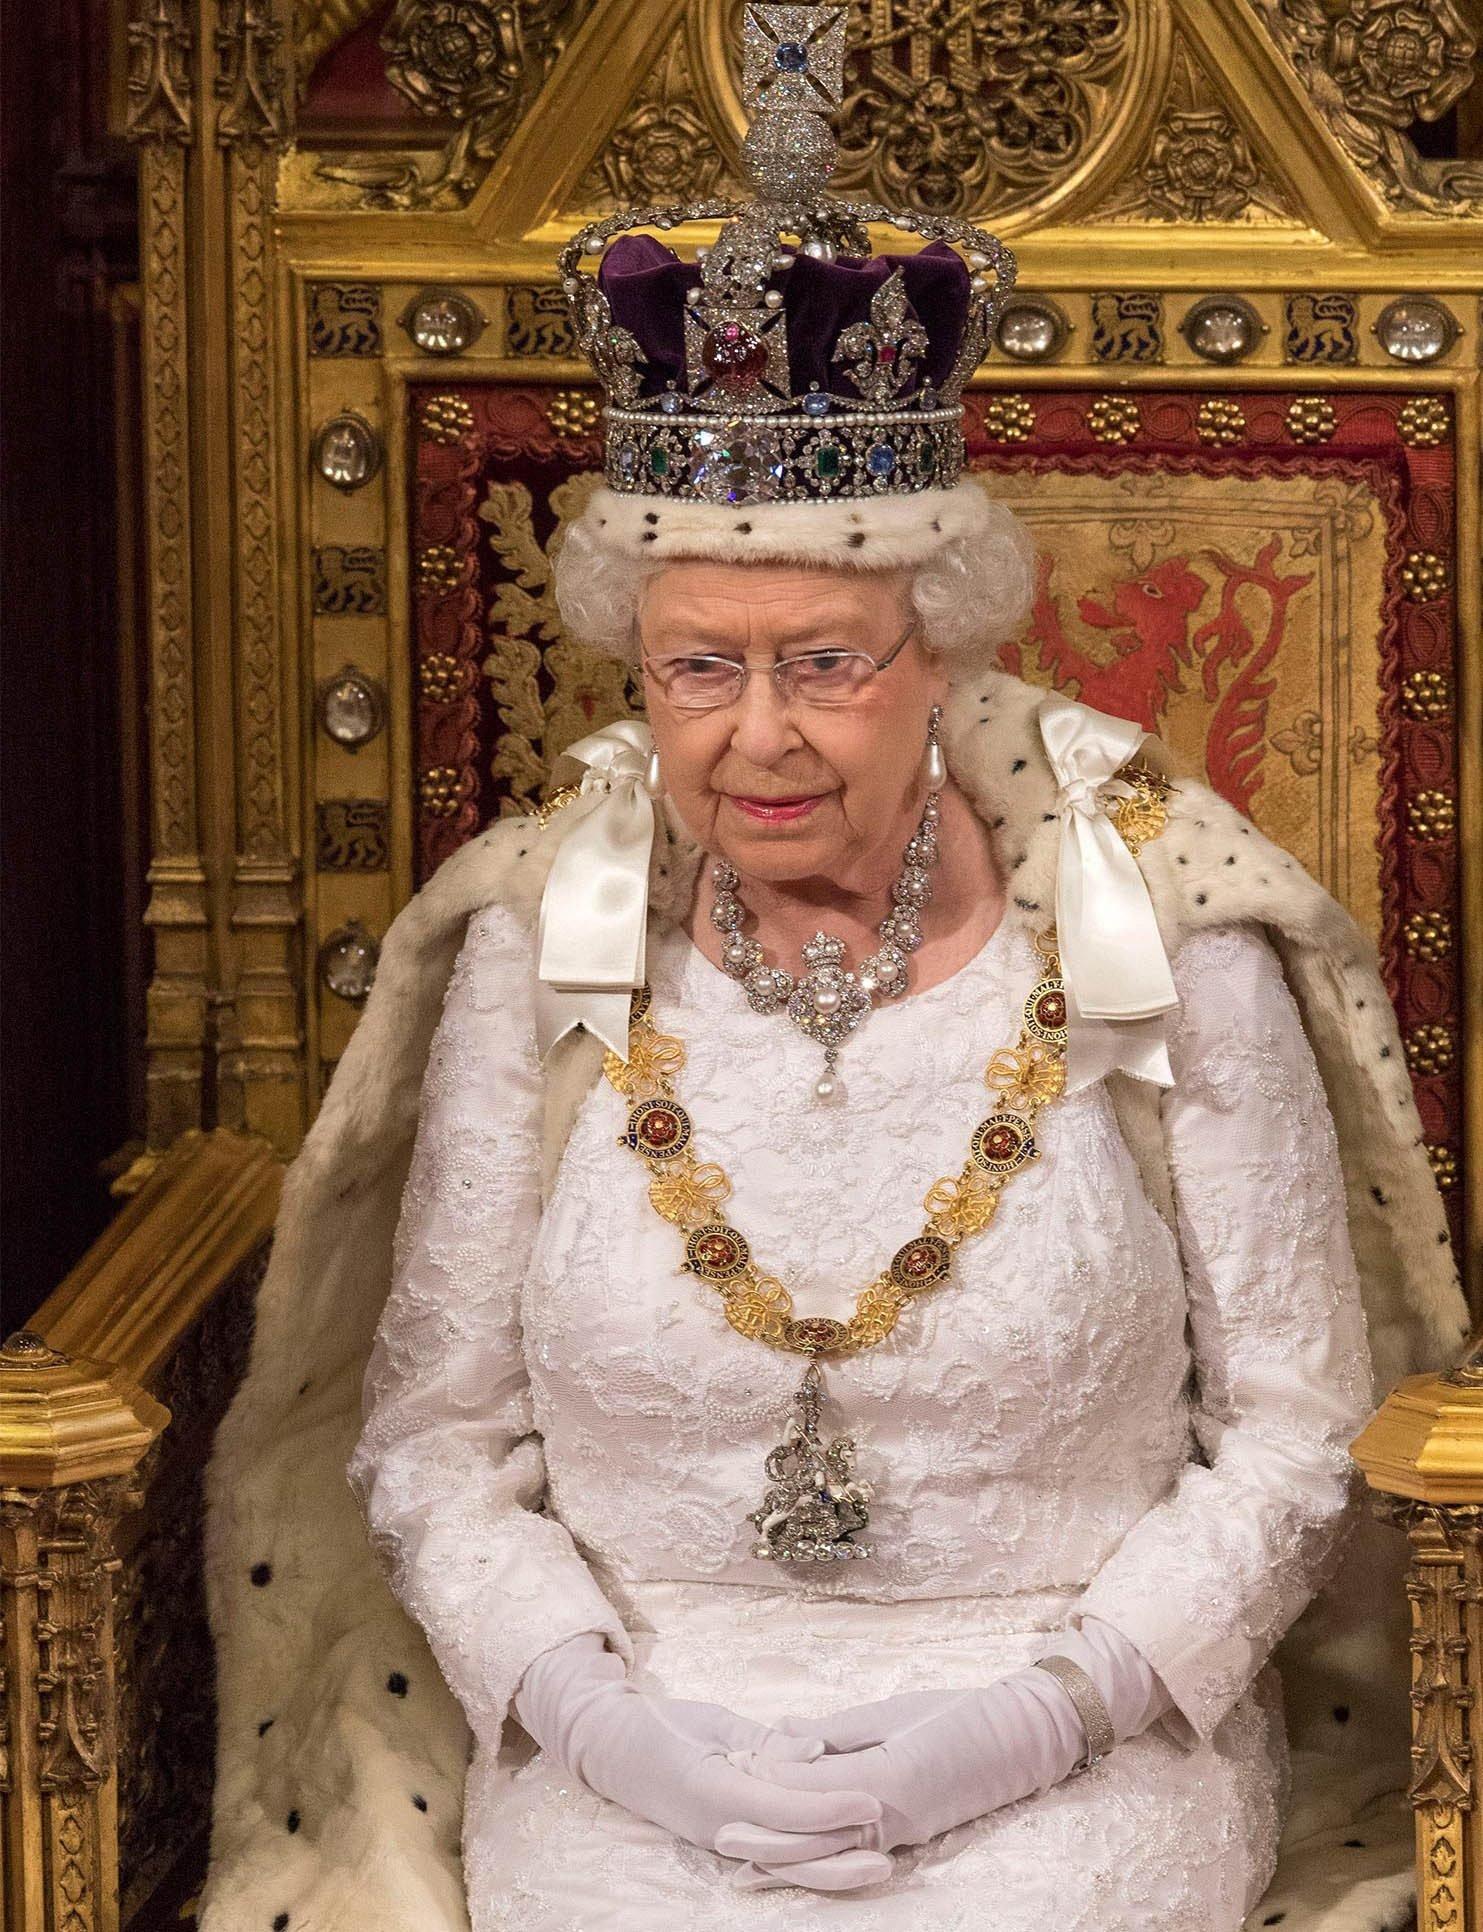 La reine Élisabeth II ne connait pas le boulot de 9 à 5.